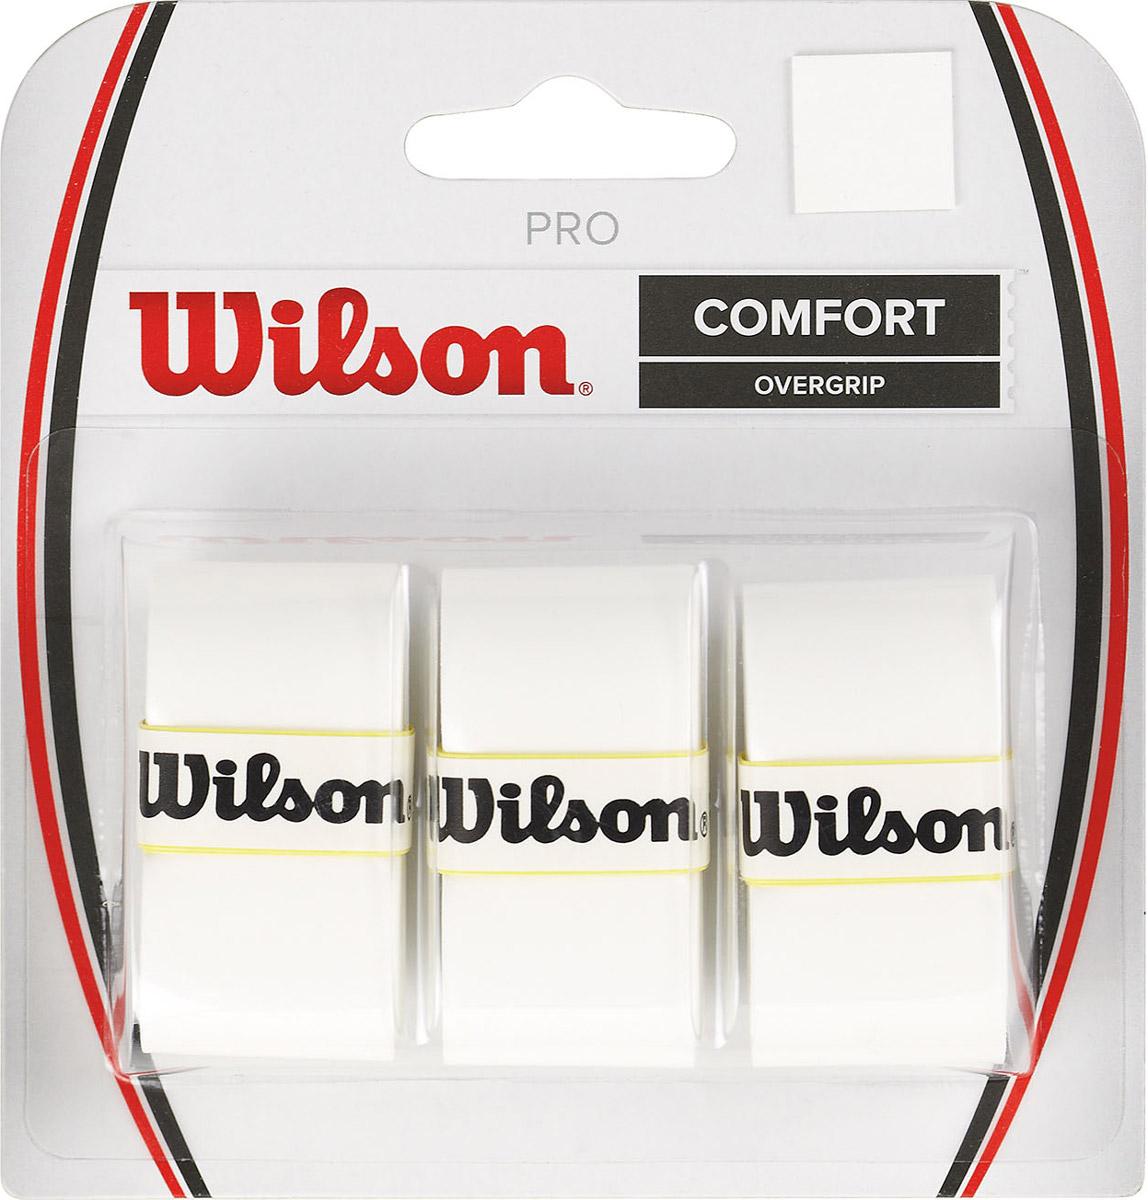 Намотка Wilson Pro Overgrip WhWRZ4014WHОбмотка Wilson Pro Overgrip Blade- это самый популярный овергрипп в мире теперь и в цветах САМОГО ПОПУЛЯРНОГО СЕМЕЙСТВА РАКЕТОК В МИРЕ - СЕМЕЙСТВА BLADE. Сделает Ваш день и окрасит Вашу любимую ракетку в новые яркие тона!